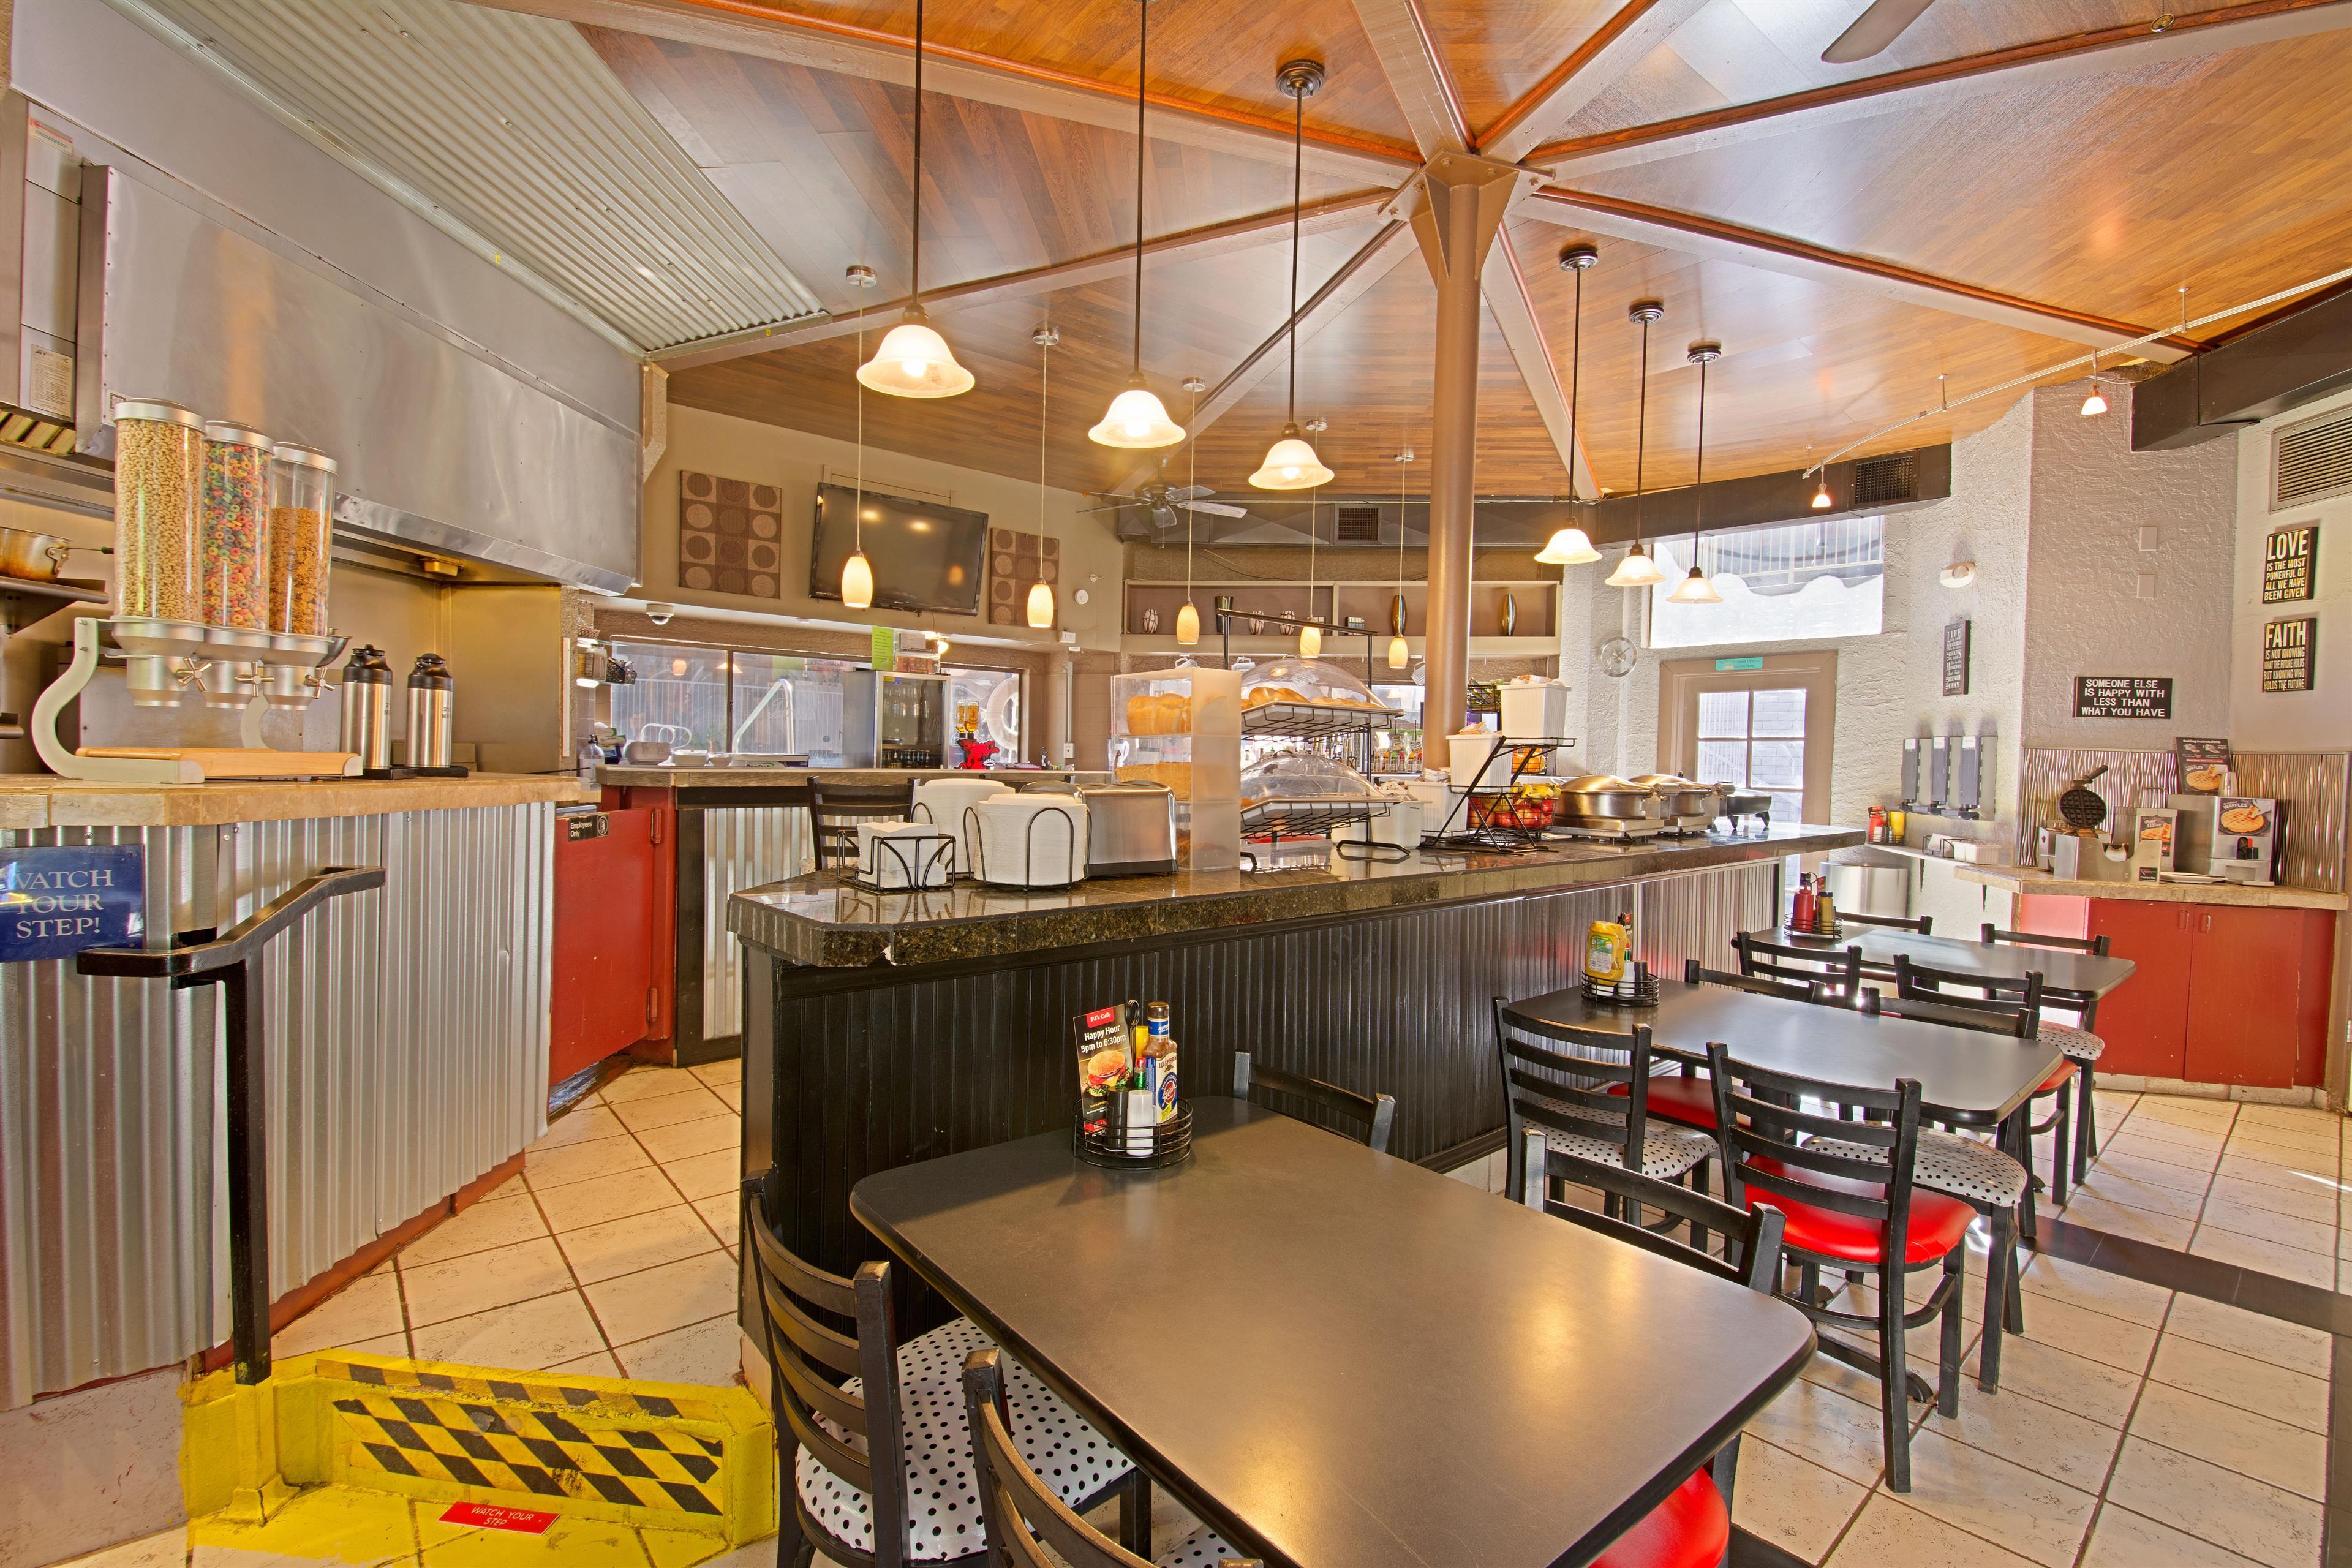 Best Western Innsuites Yuma Mall Hotel & Suites, Yuma AZ